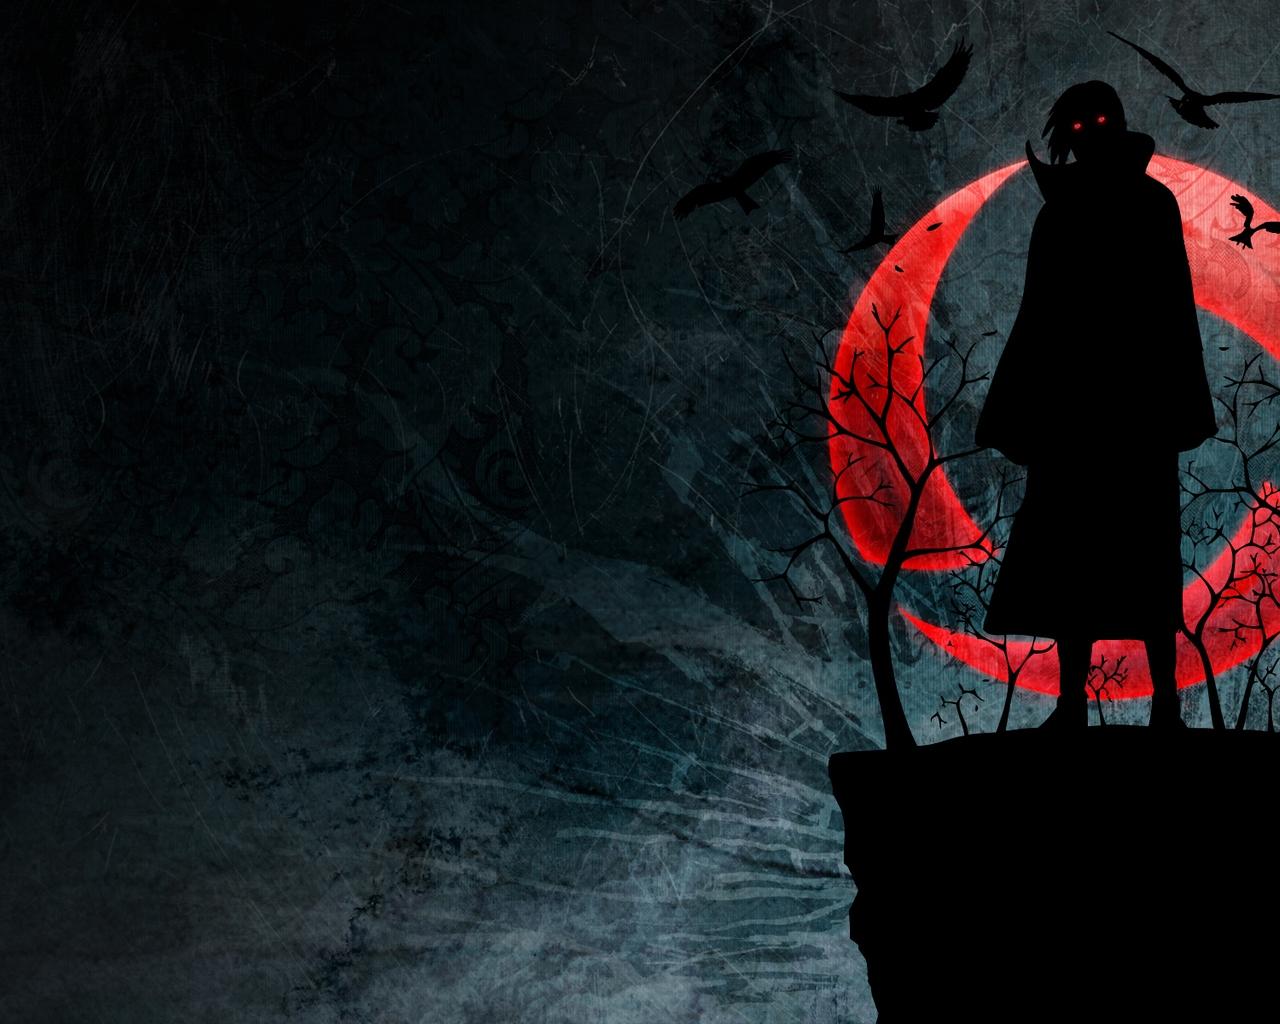 Wallpaper Naruto Uchiha Itachi Sharingan Figure Night Red